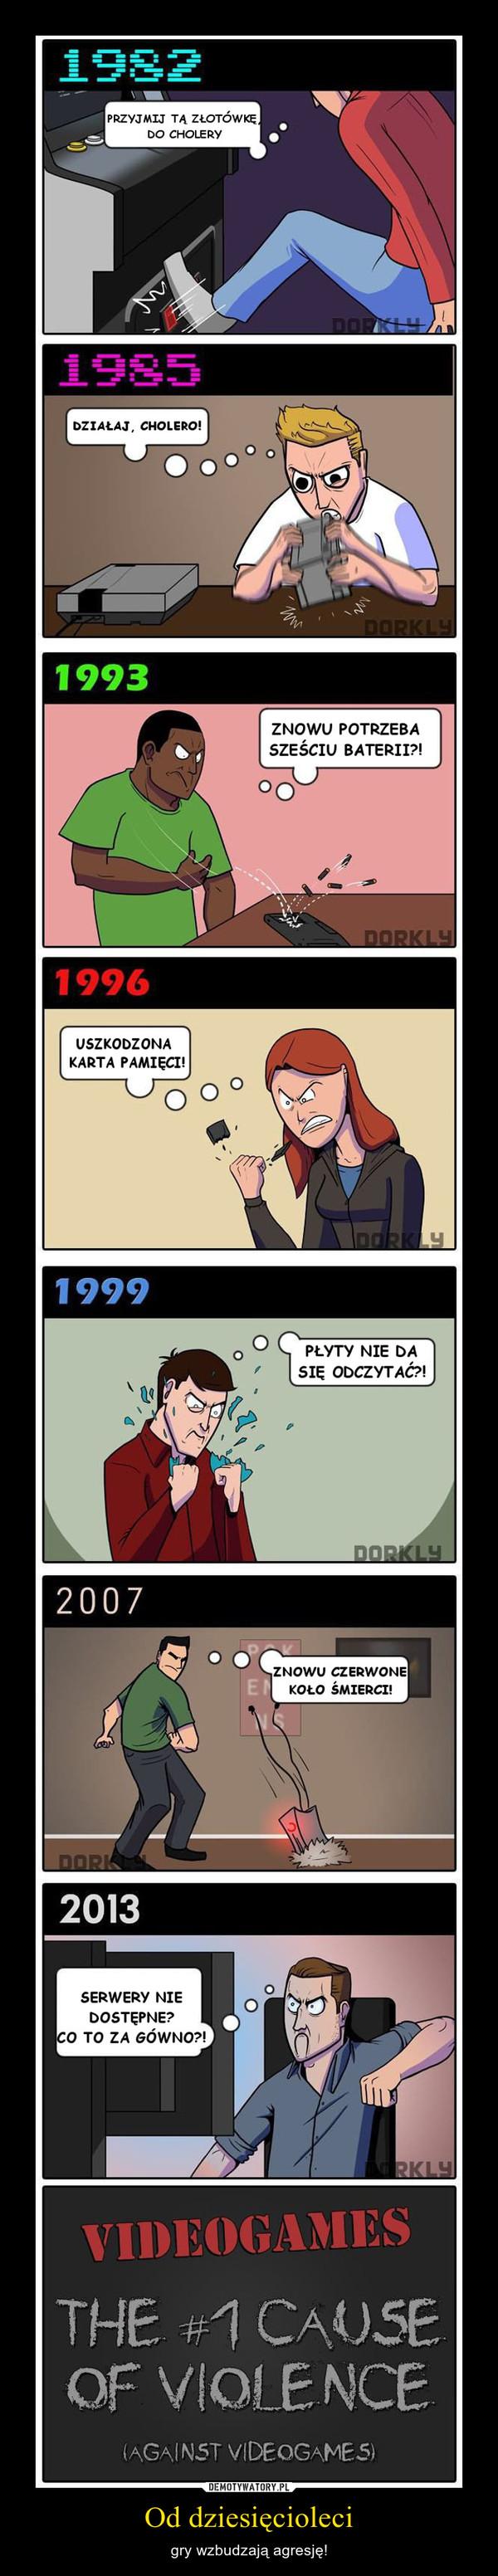 Od dziesięcioleci – gry wzbudzają agresję!